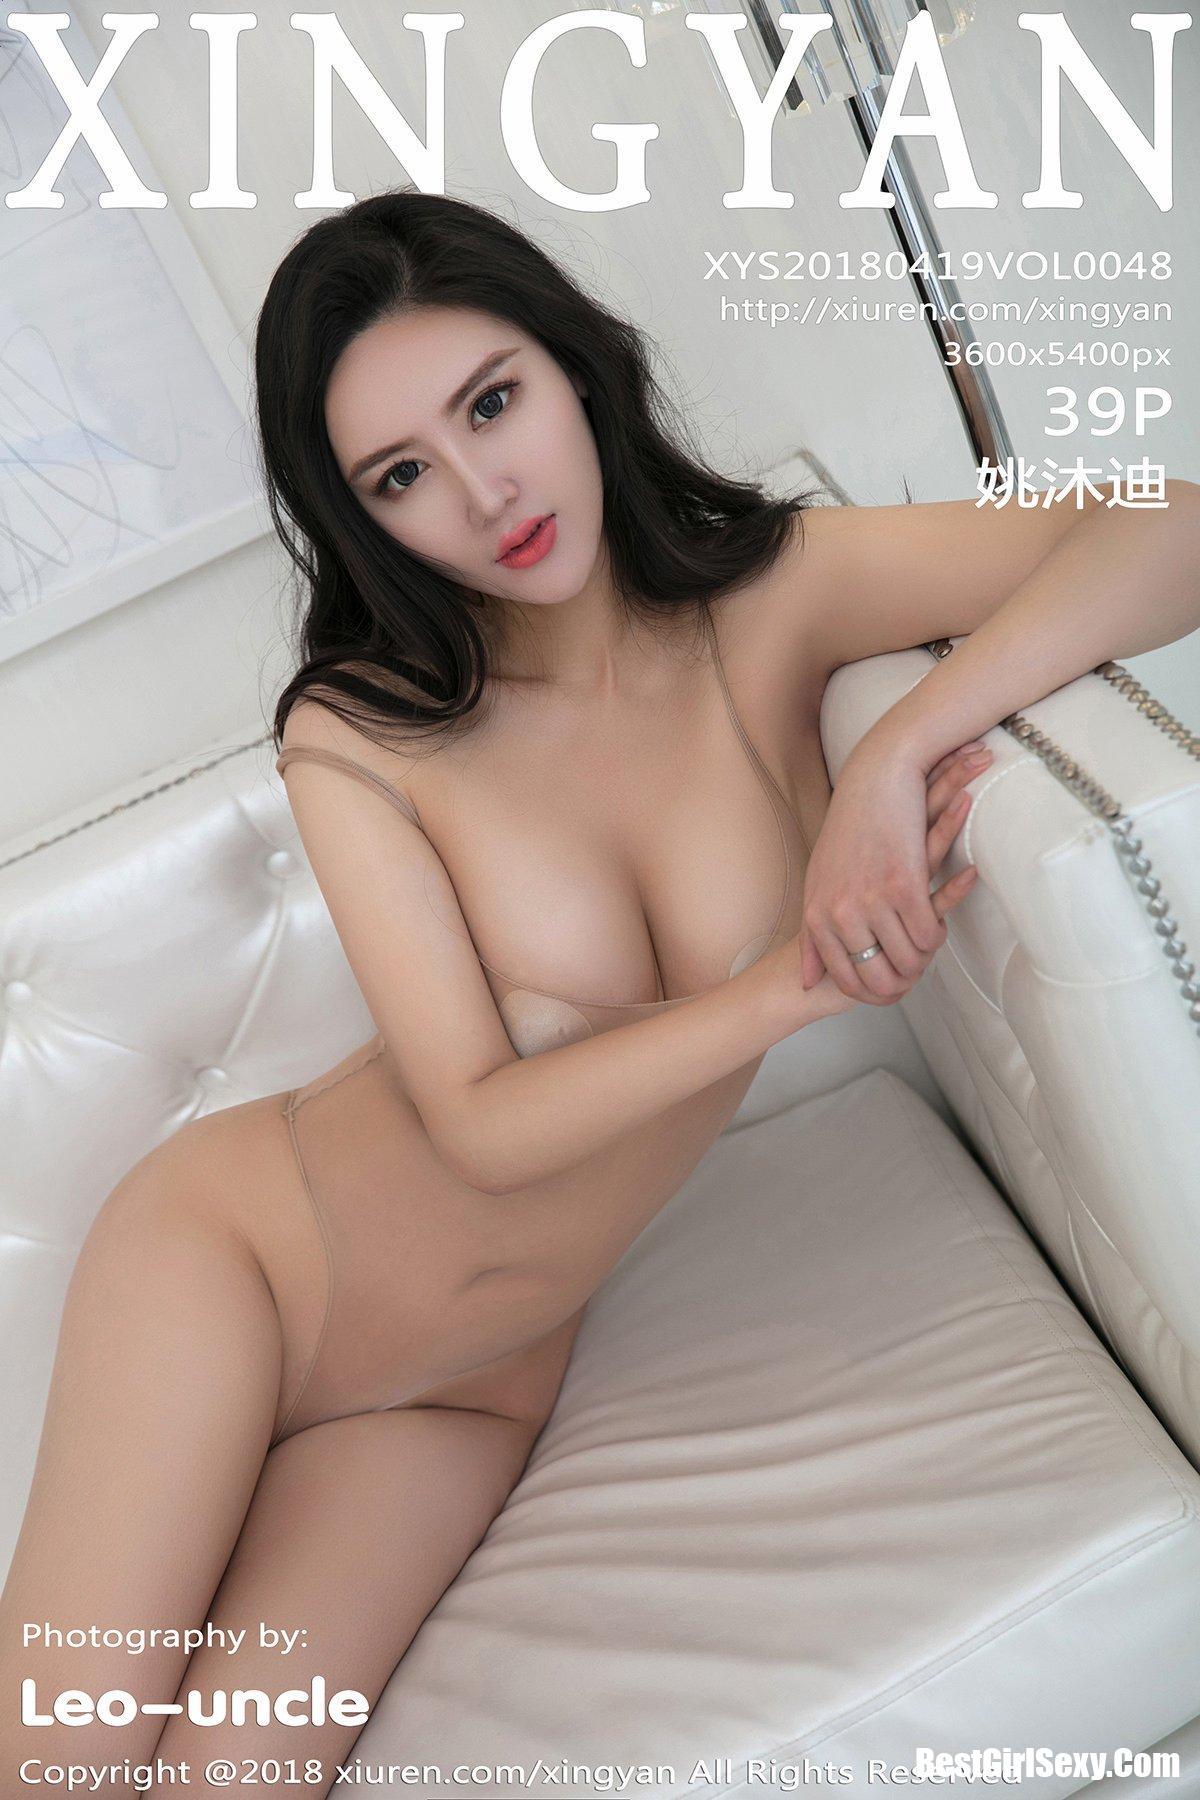 姚沐迪, Yao Mu Di, XingYan星颜社 VOL.048 Yao Mu Di, XingYan星颜社 VOL.048